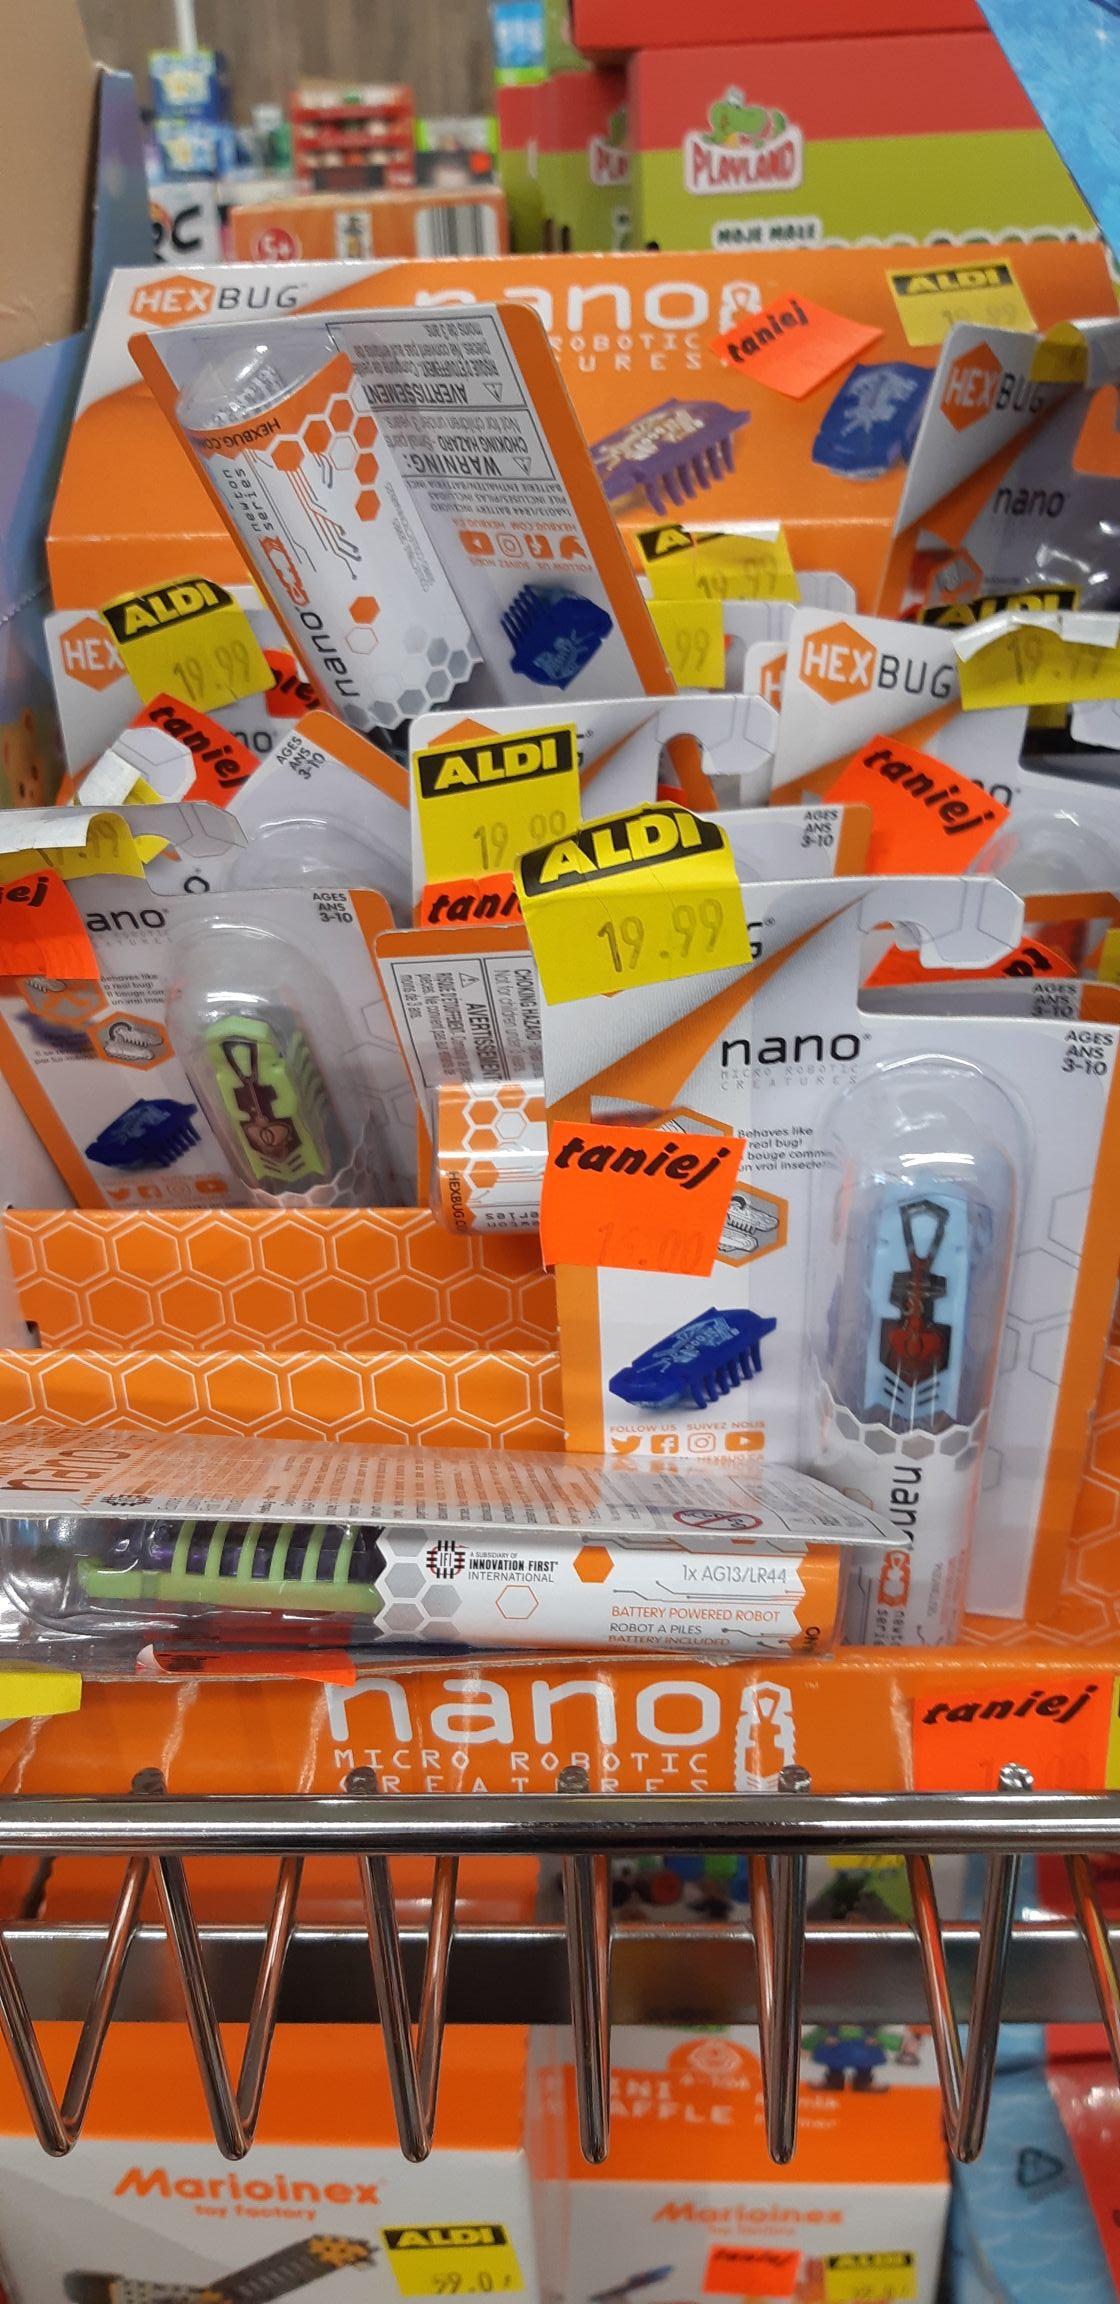 Hexbug Nano - Aldi Głogów